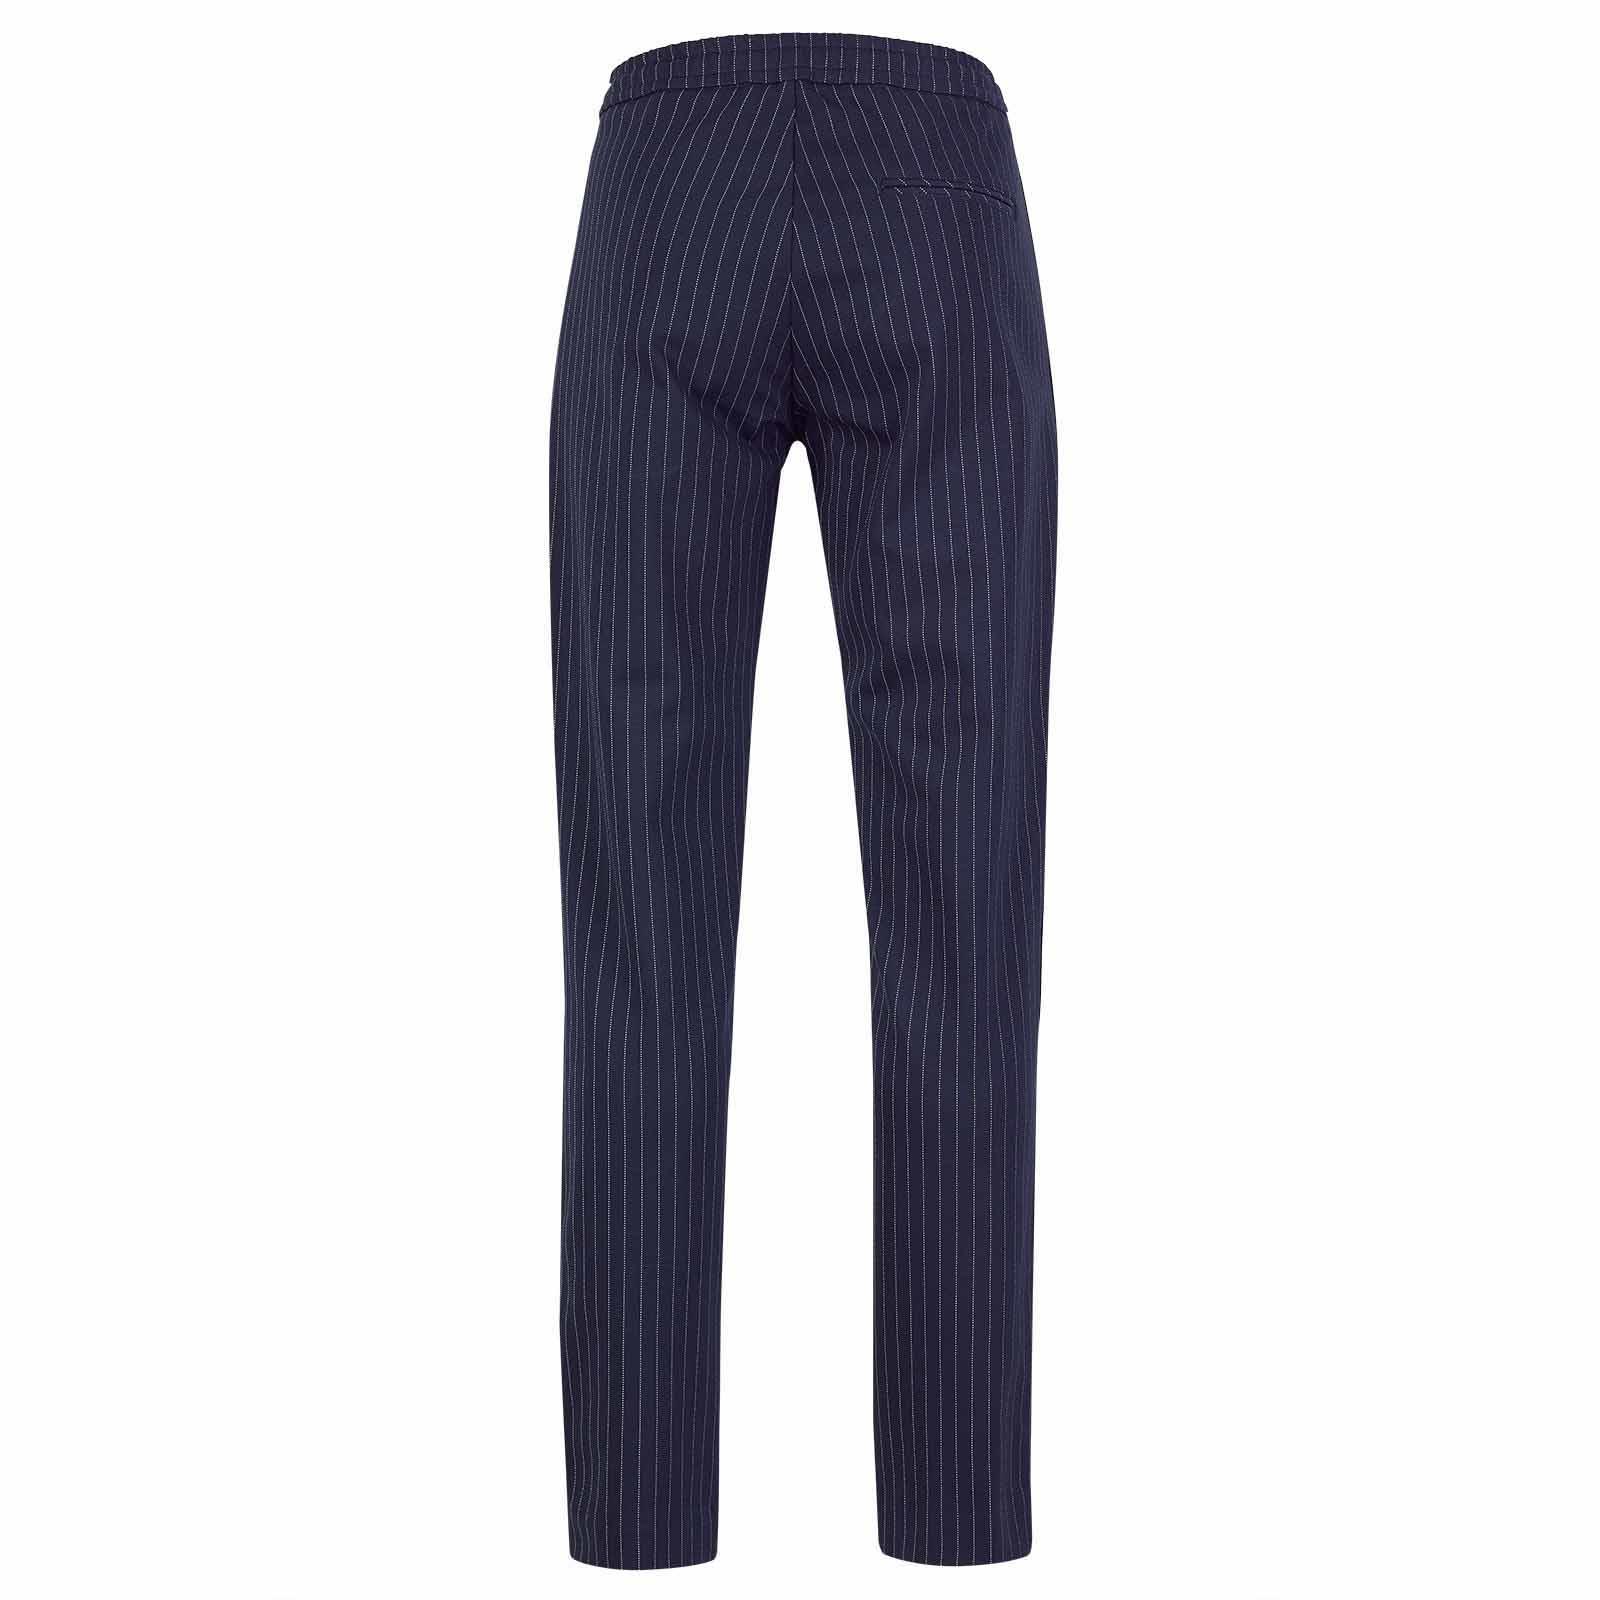 Golfino Golfino PT Revolution Striped Trouser